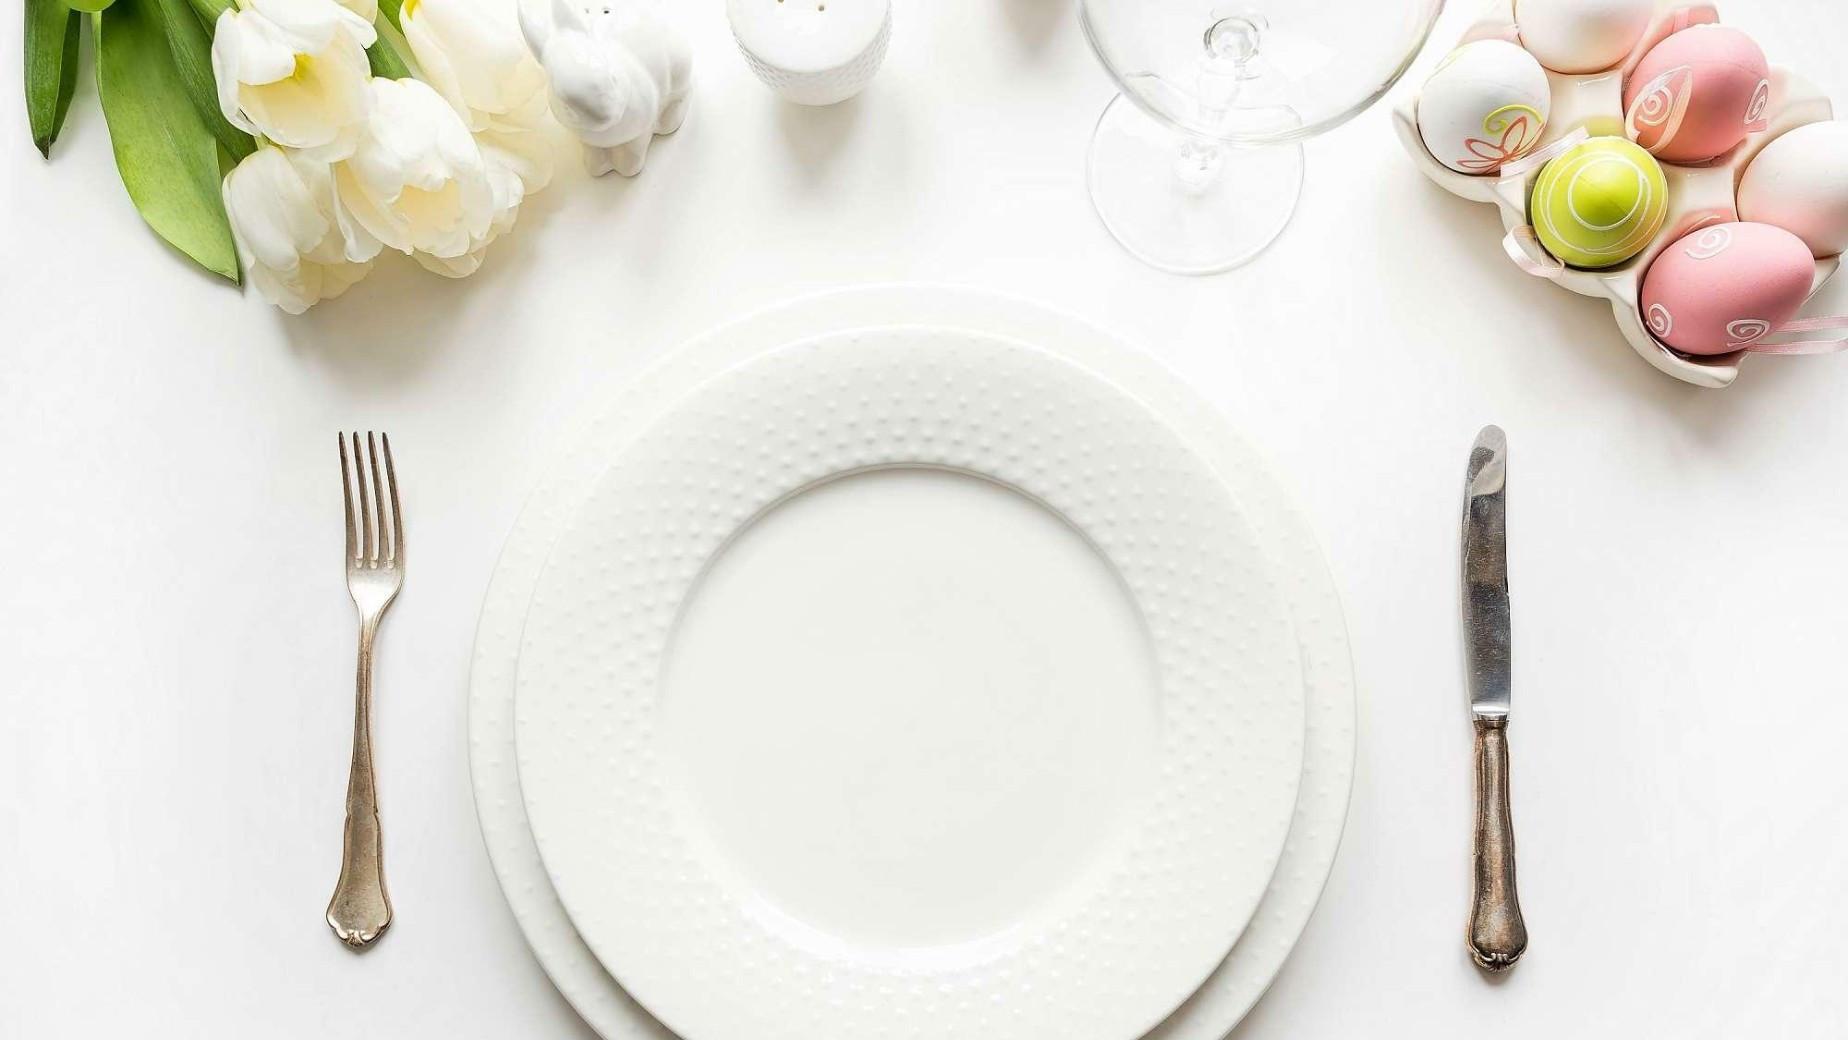 Unsere festlichen Menü-Empfehlungen für Ostern